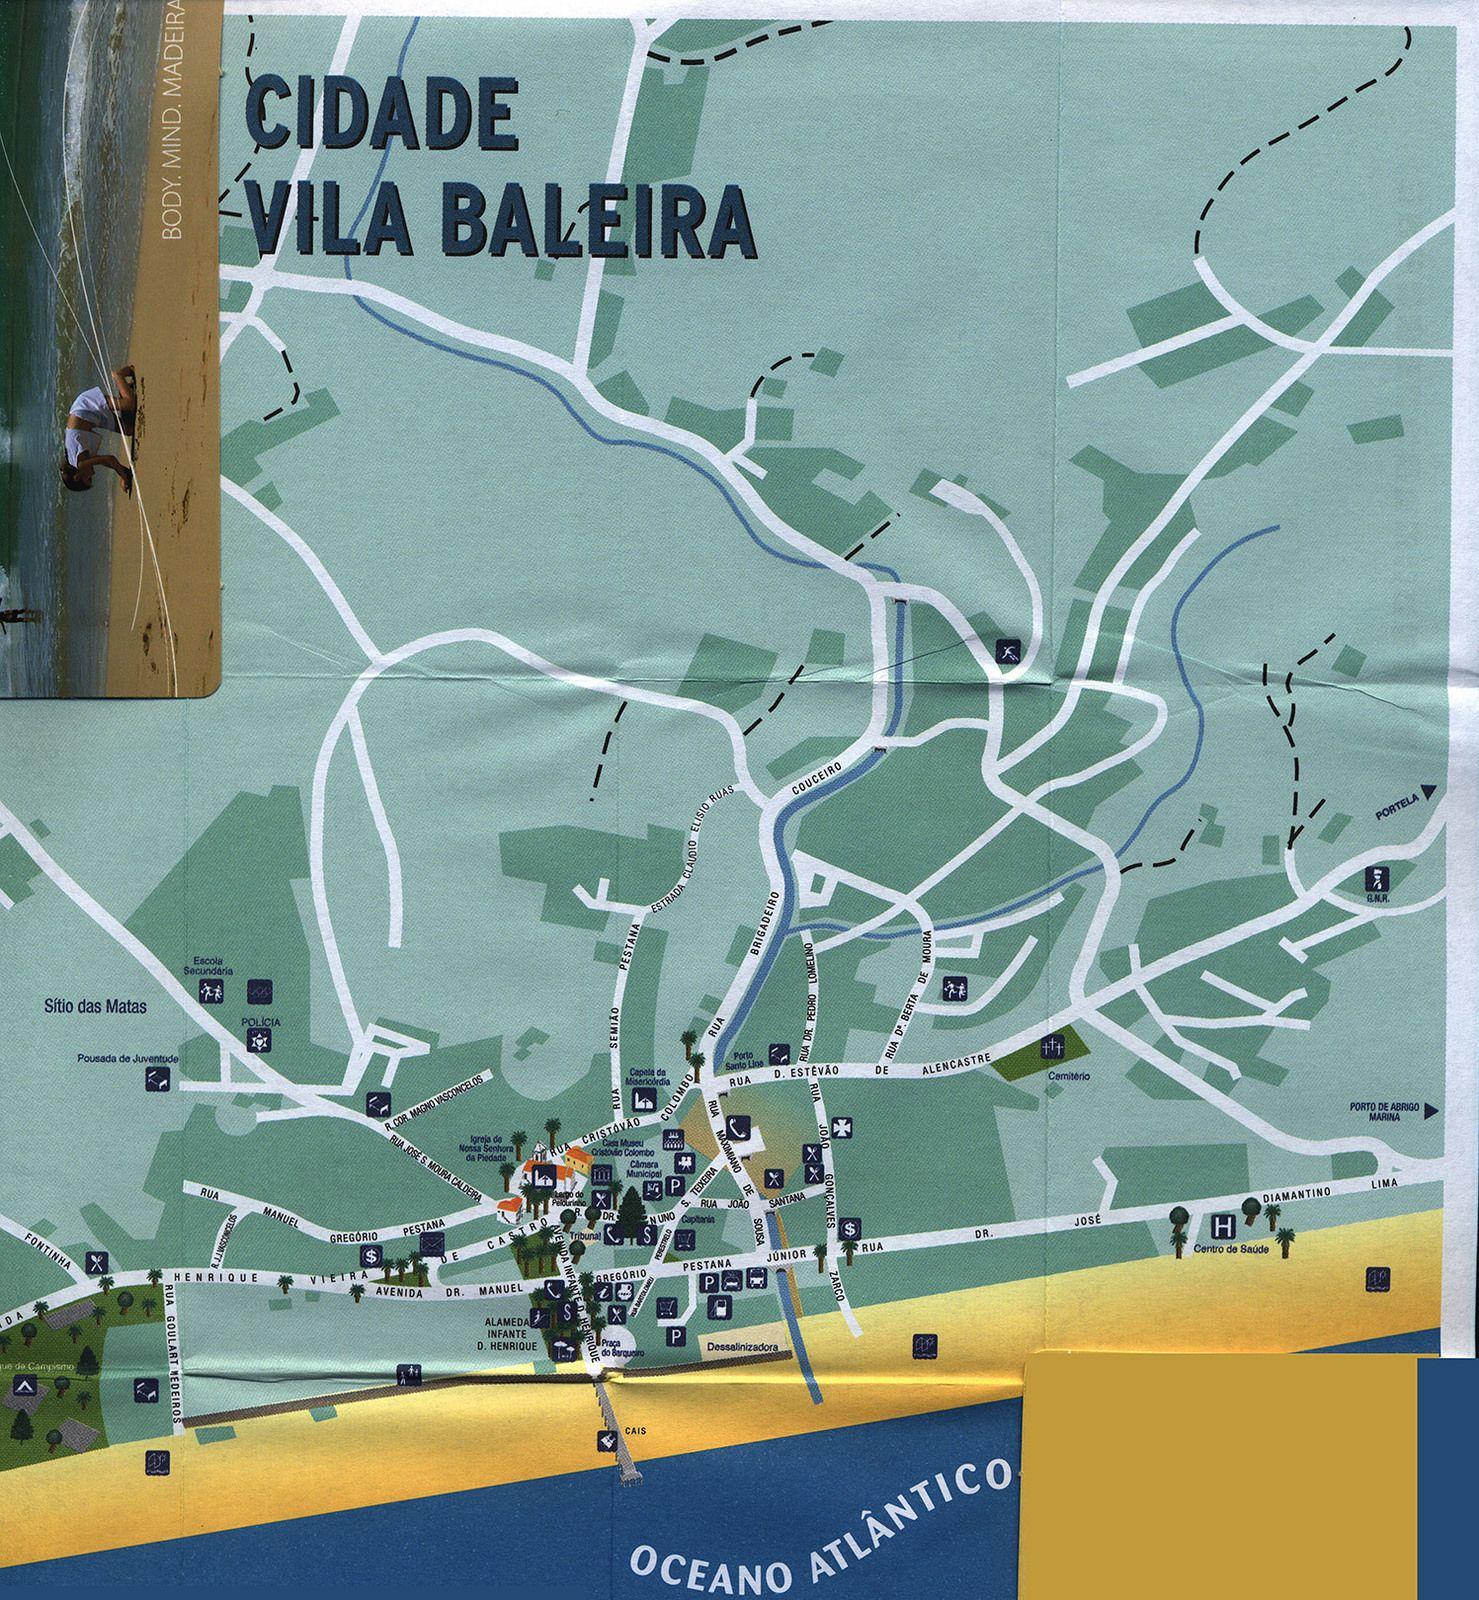 Mapa London%0A porto santo  madeira islands mapa map carte karte  Body Mind Madeira           Portugal overseas territory   Porto  Santos and Madeira